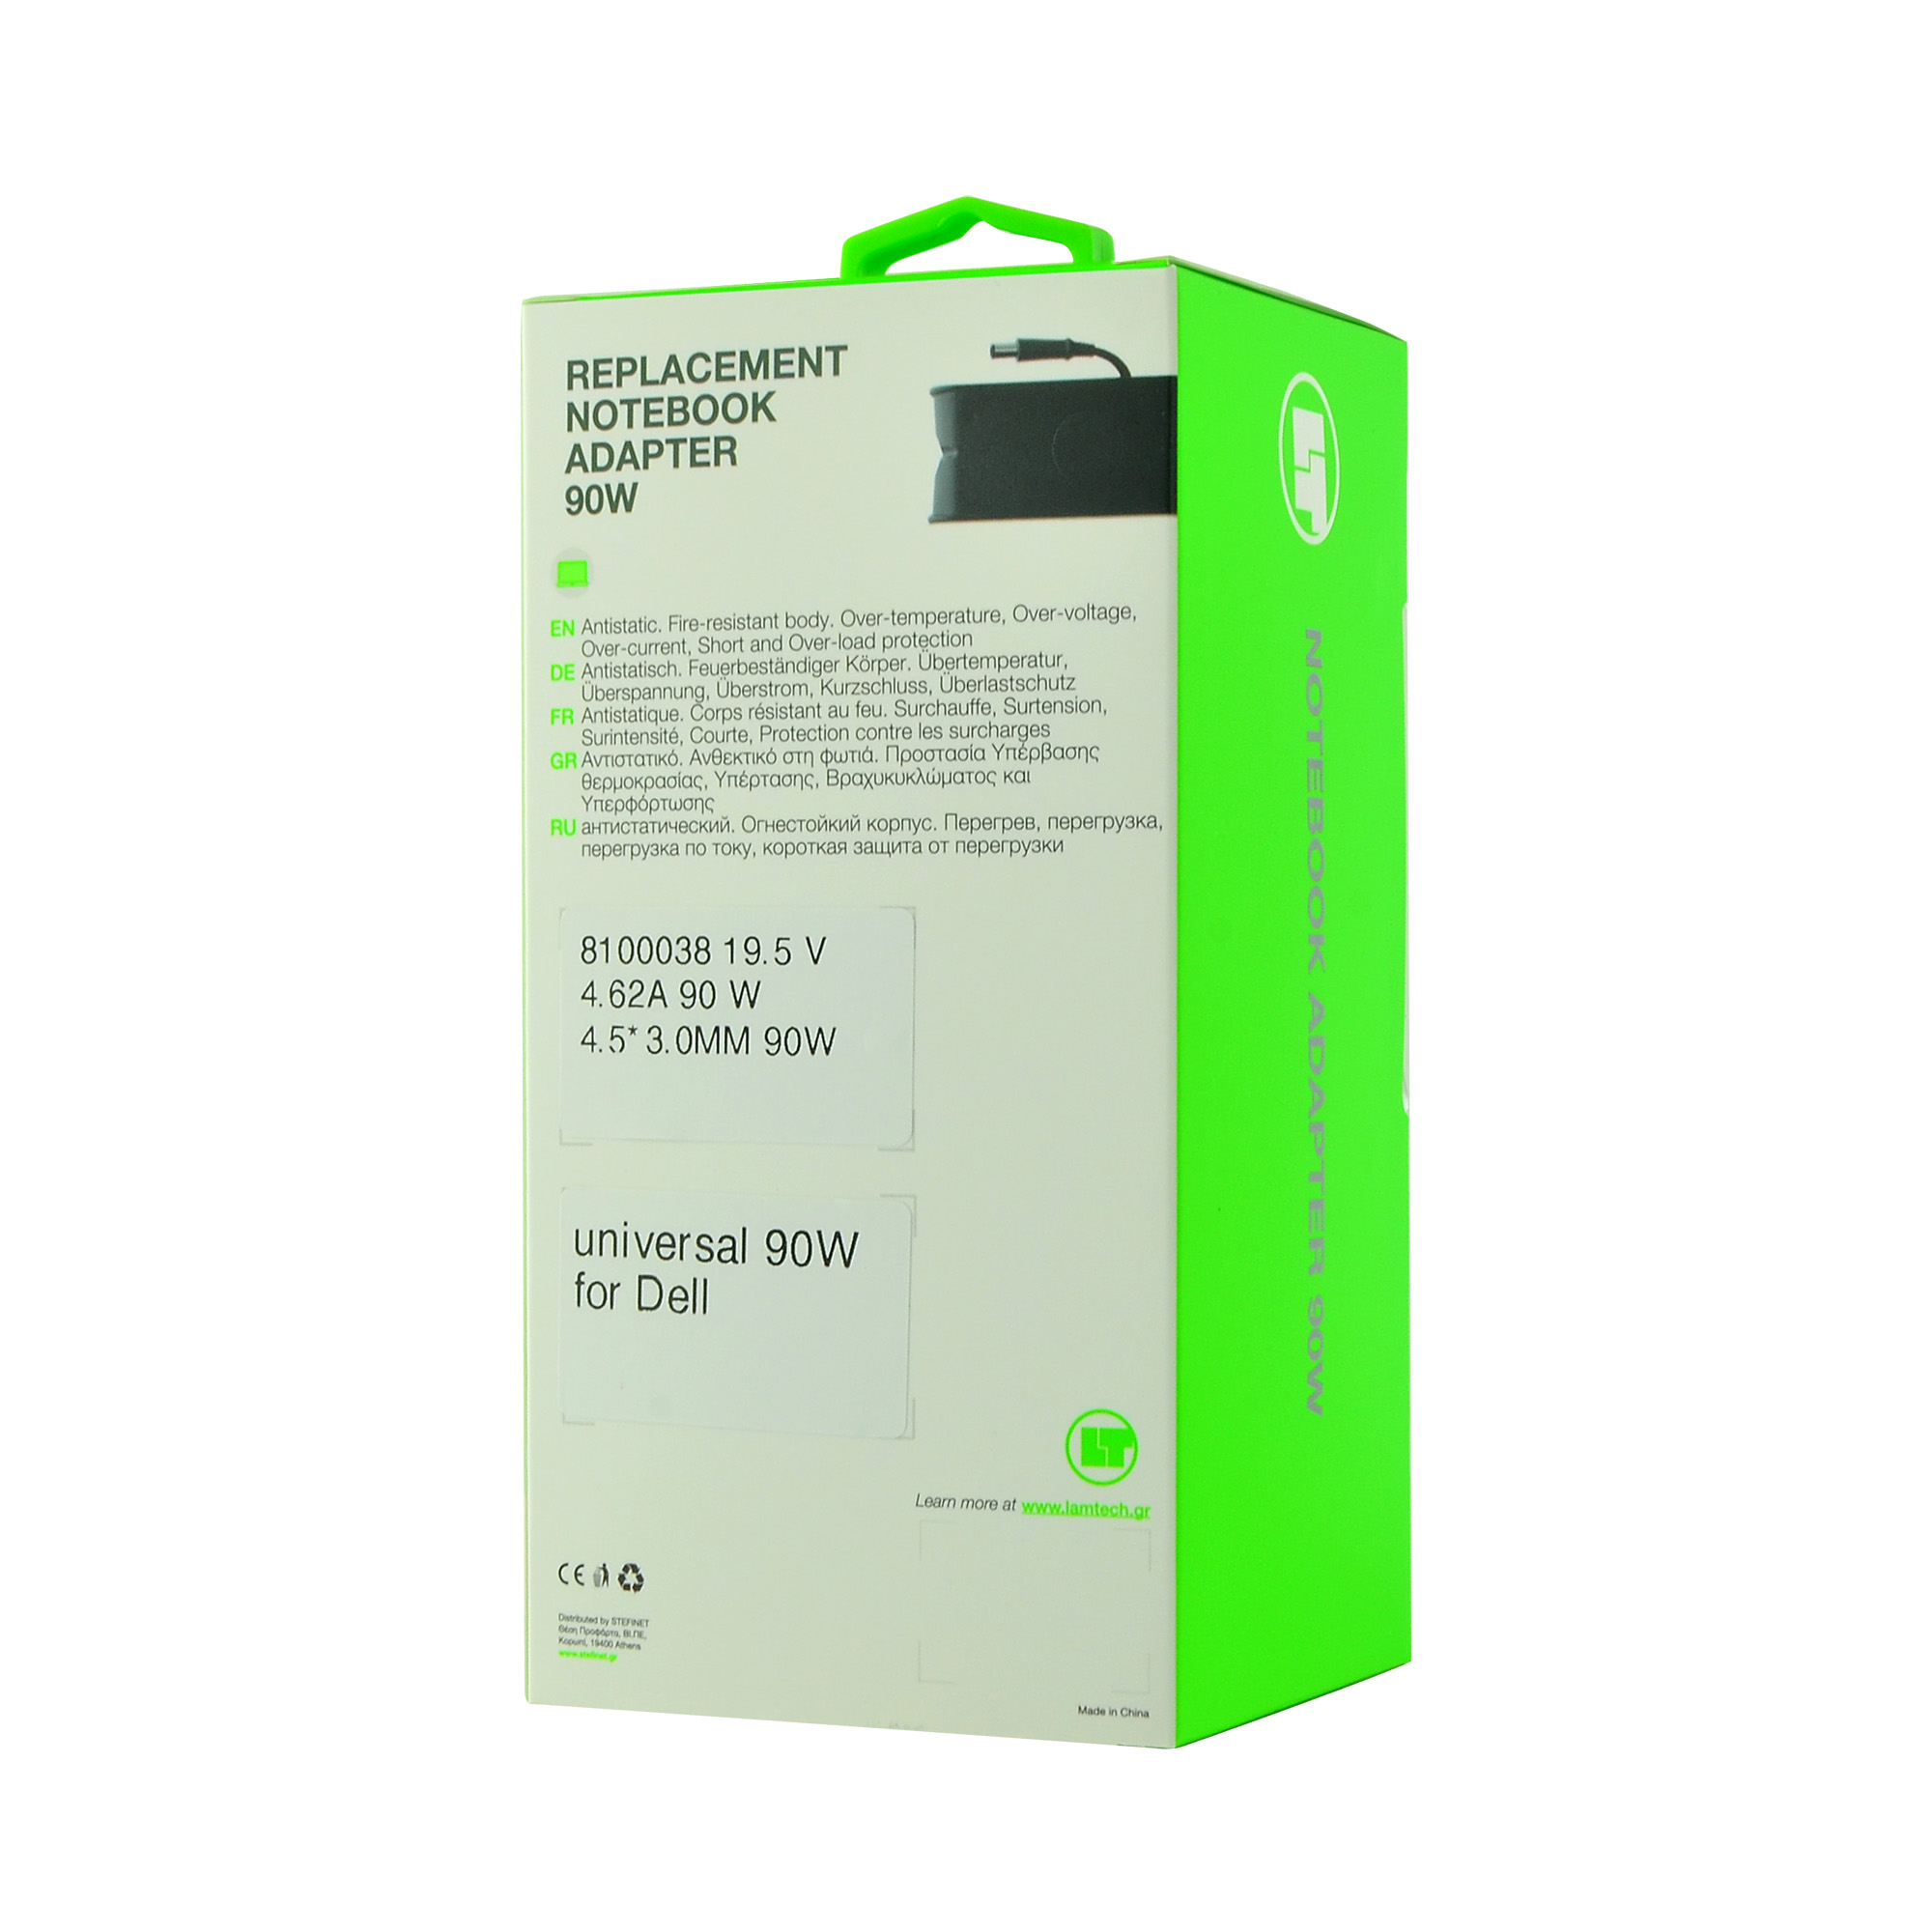 Φορτιστής Universal Lamtech For Dell 90W-19.5V-4.62A 4.5x3.0mm LAM100038 image